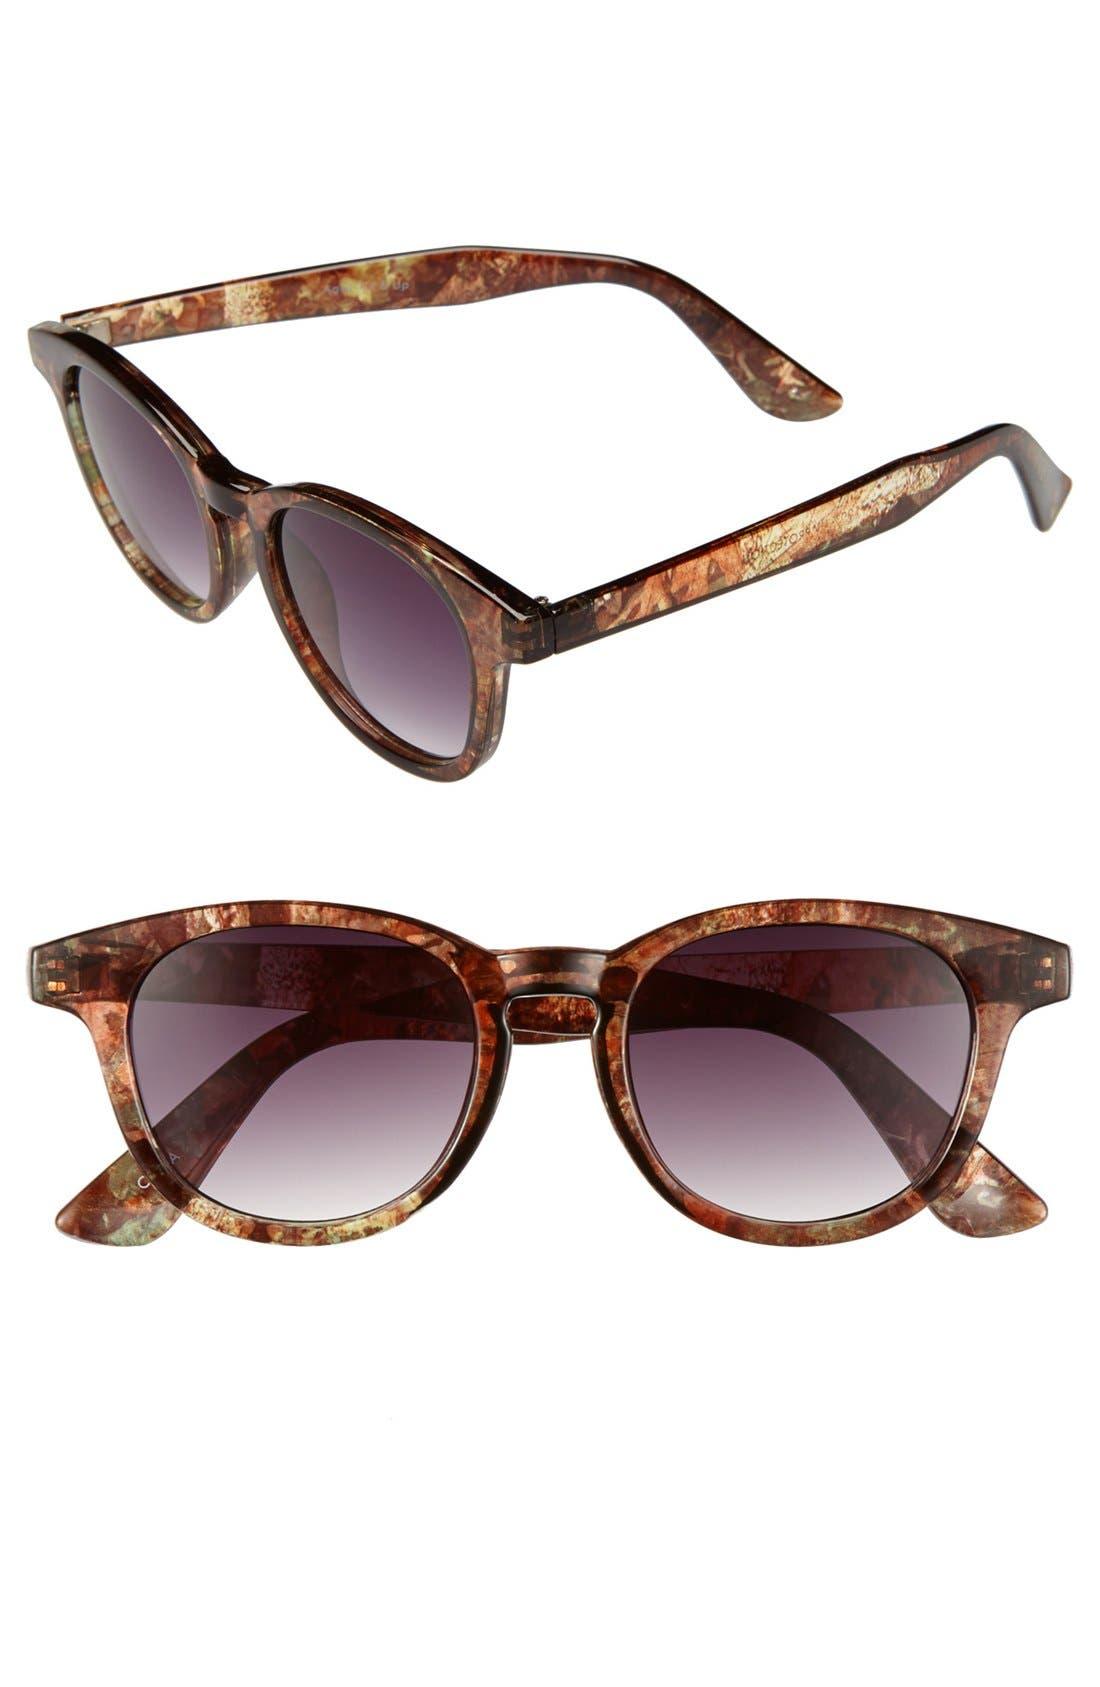 Main Image - FE NY 'Dartmouth' Sunglasses